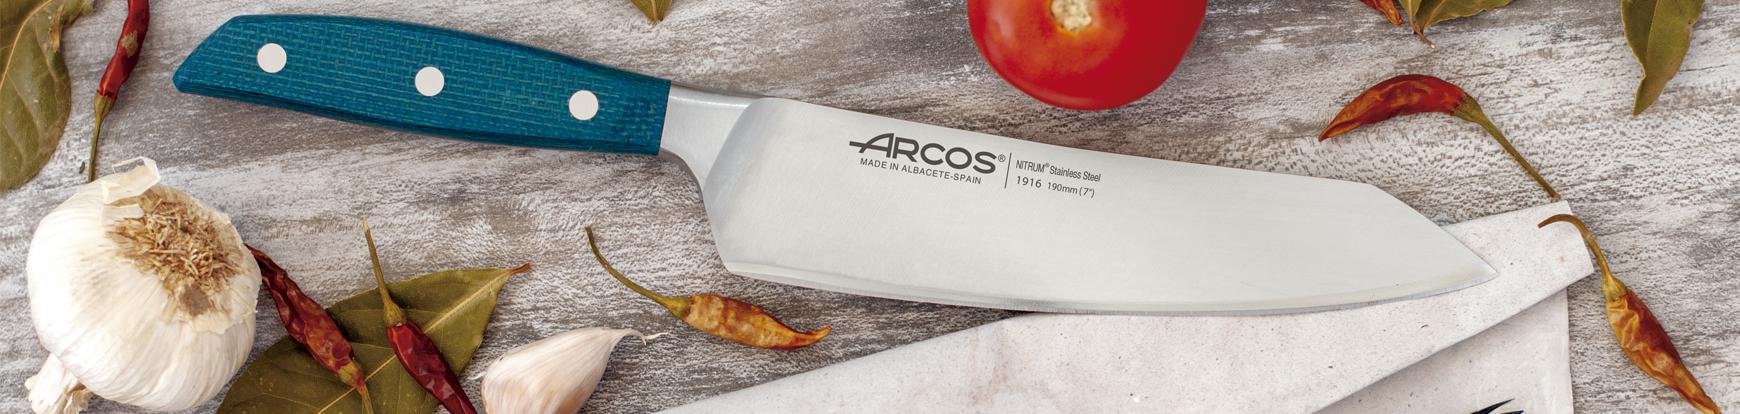 Lanzamiento de la nueva serie de cuchillos Brooklyn